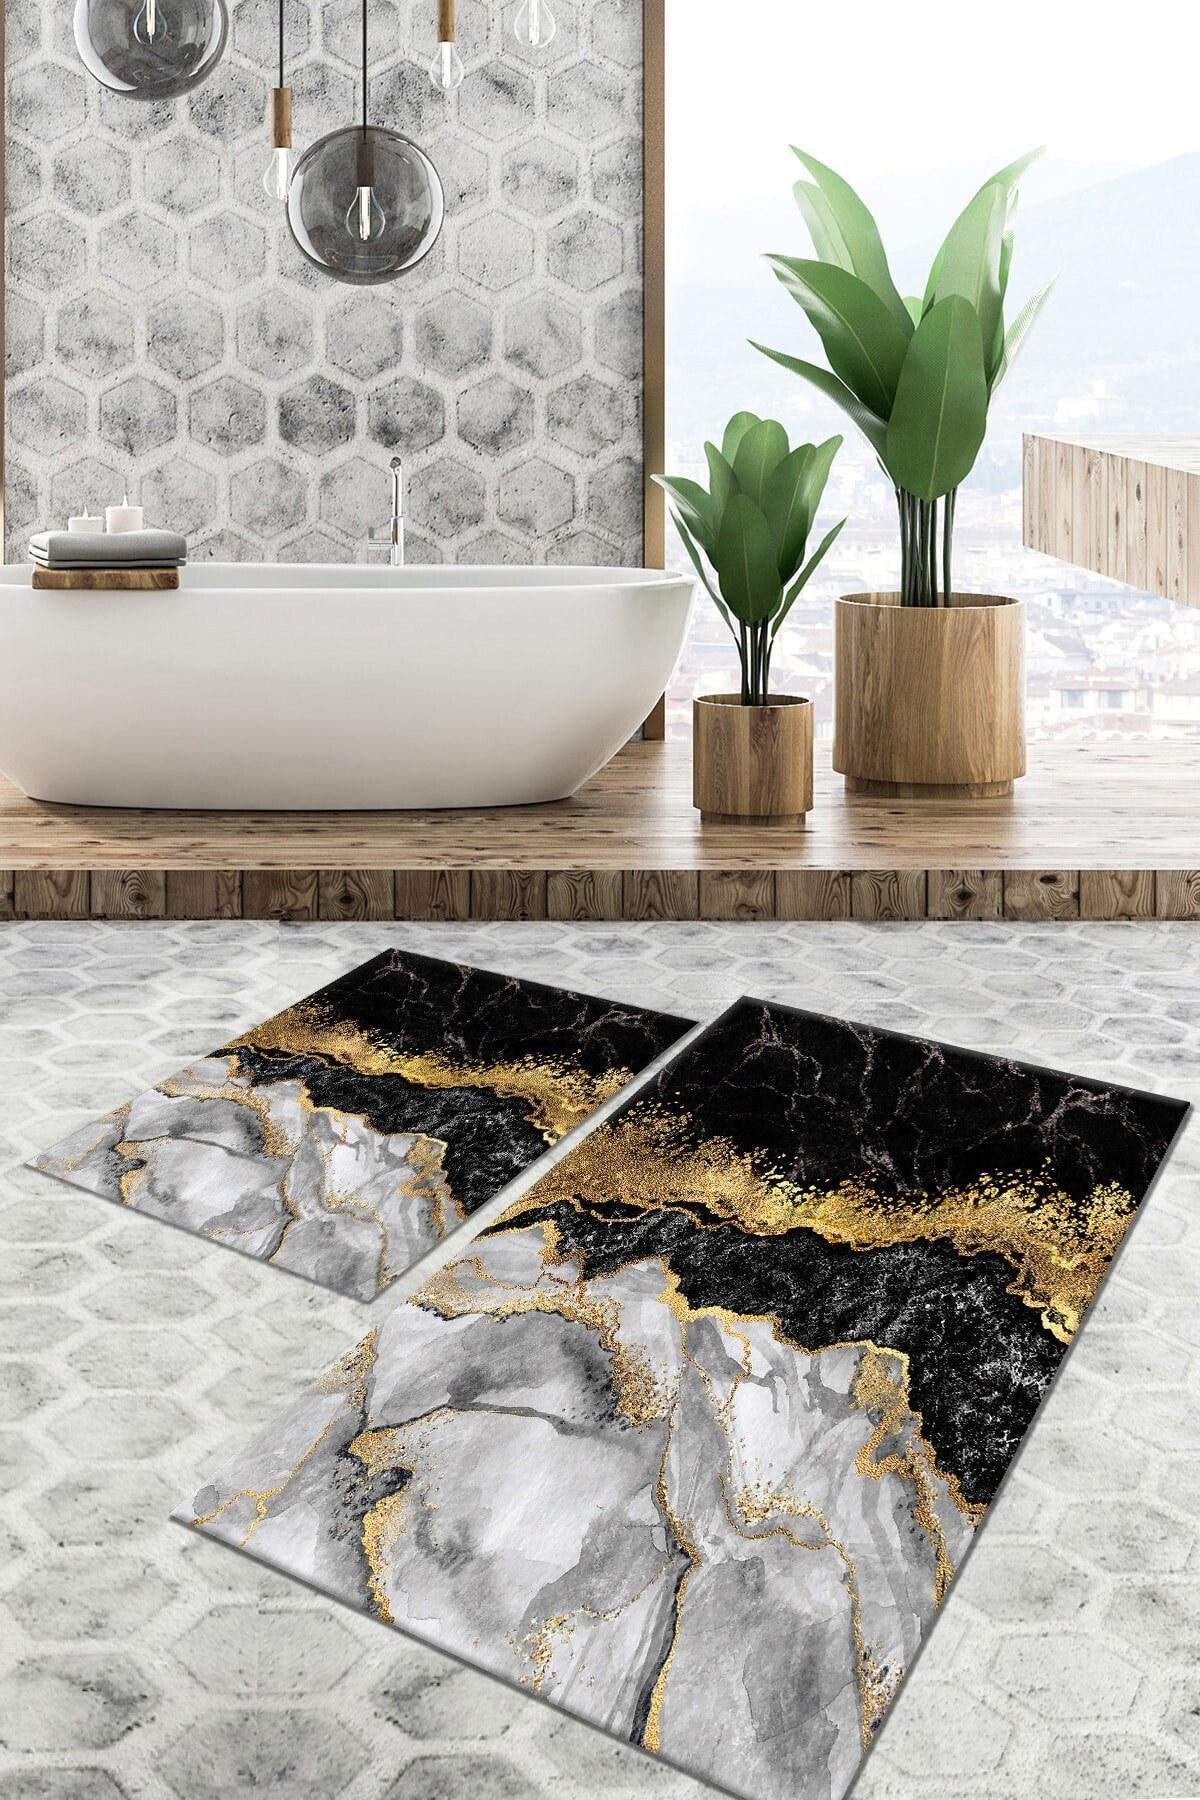 تصویر زیرپایی حمام لژدار قابل شستشو لیز نمیخورد ضد باکتری 60x100cm 50x60cm برند Tulip Dekorativ Halı کد 1628857530